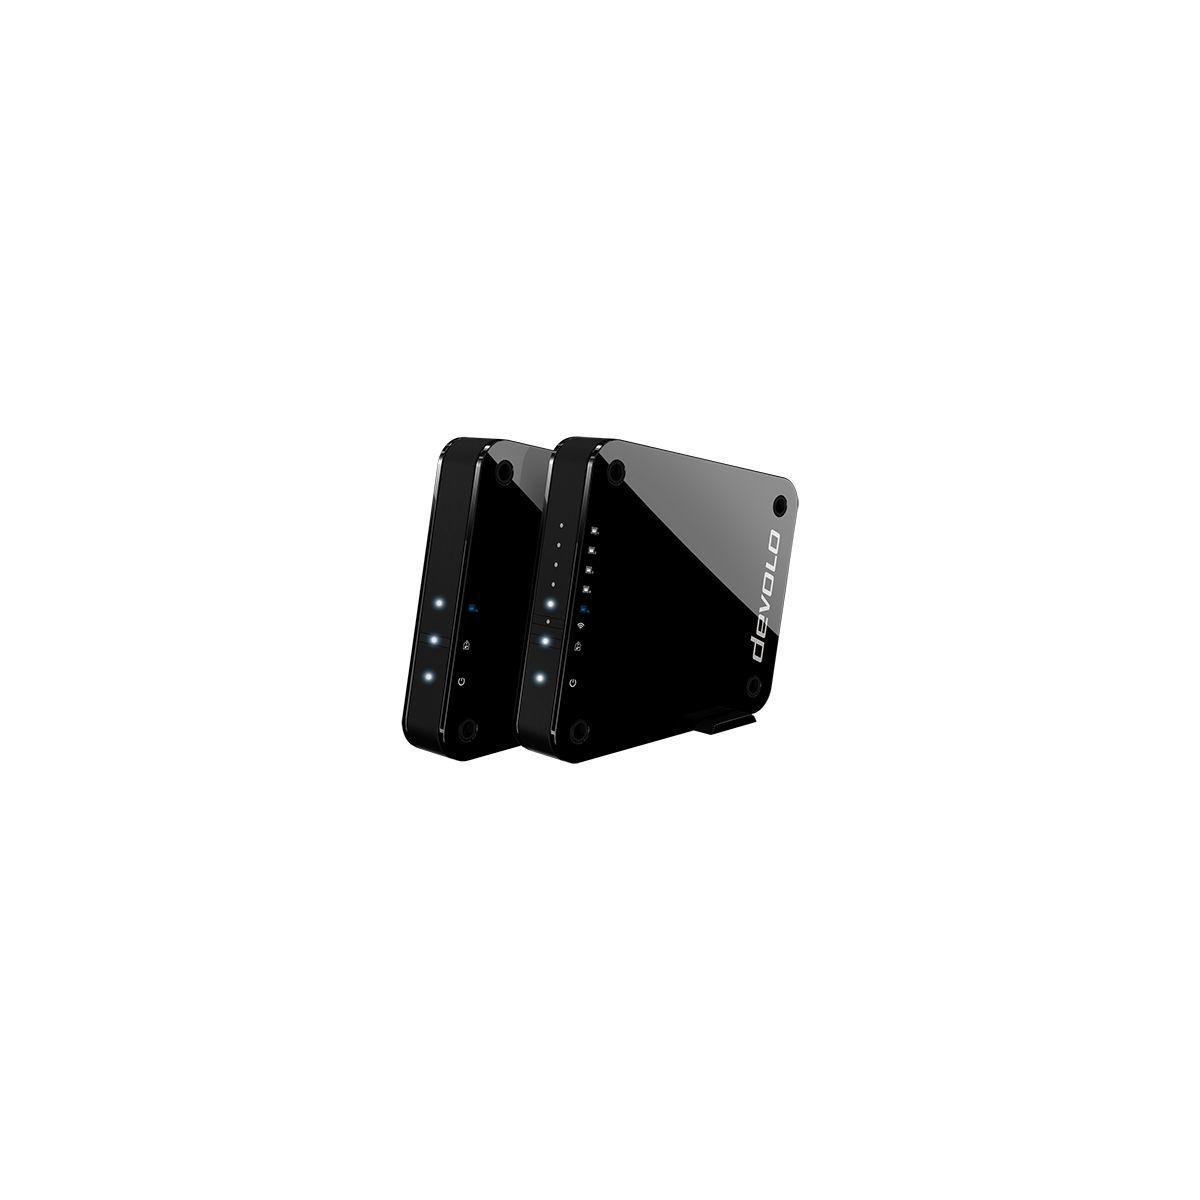 Routeur devolo gigagate kit -noir - livraison offerte : code liv